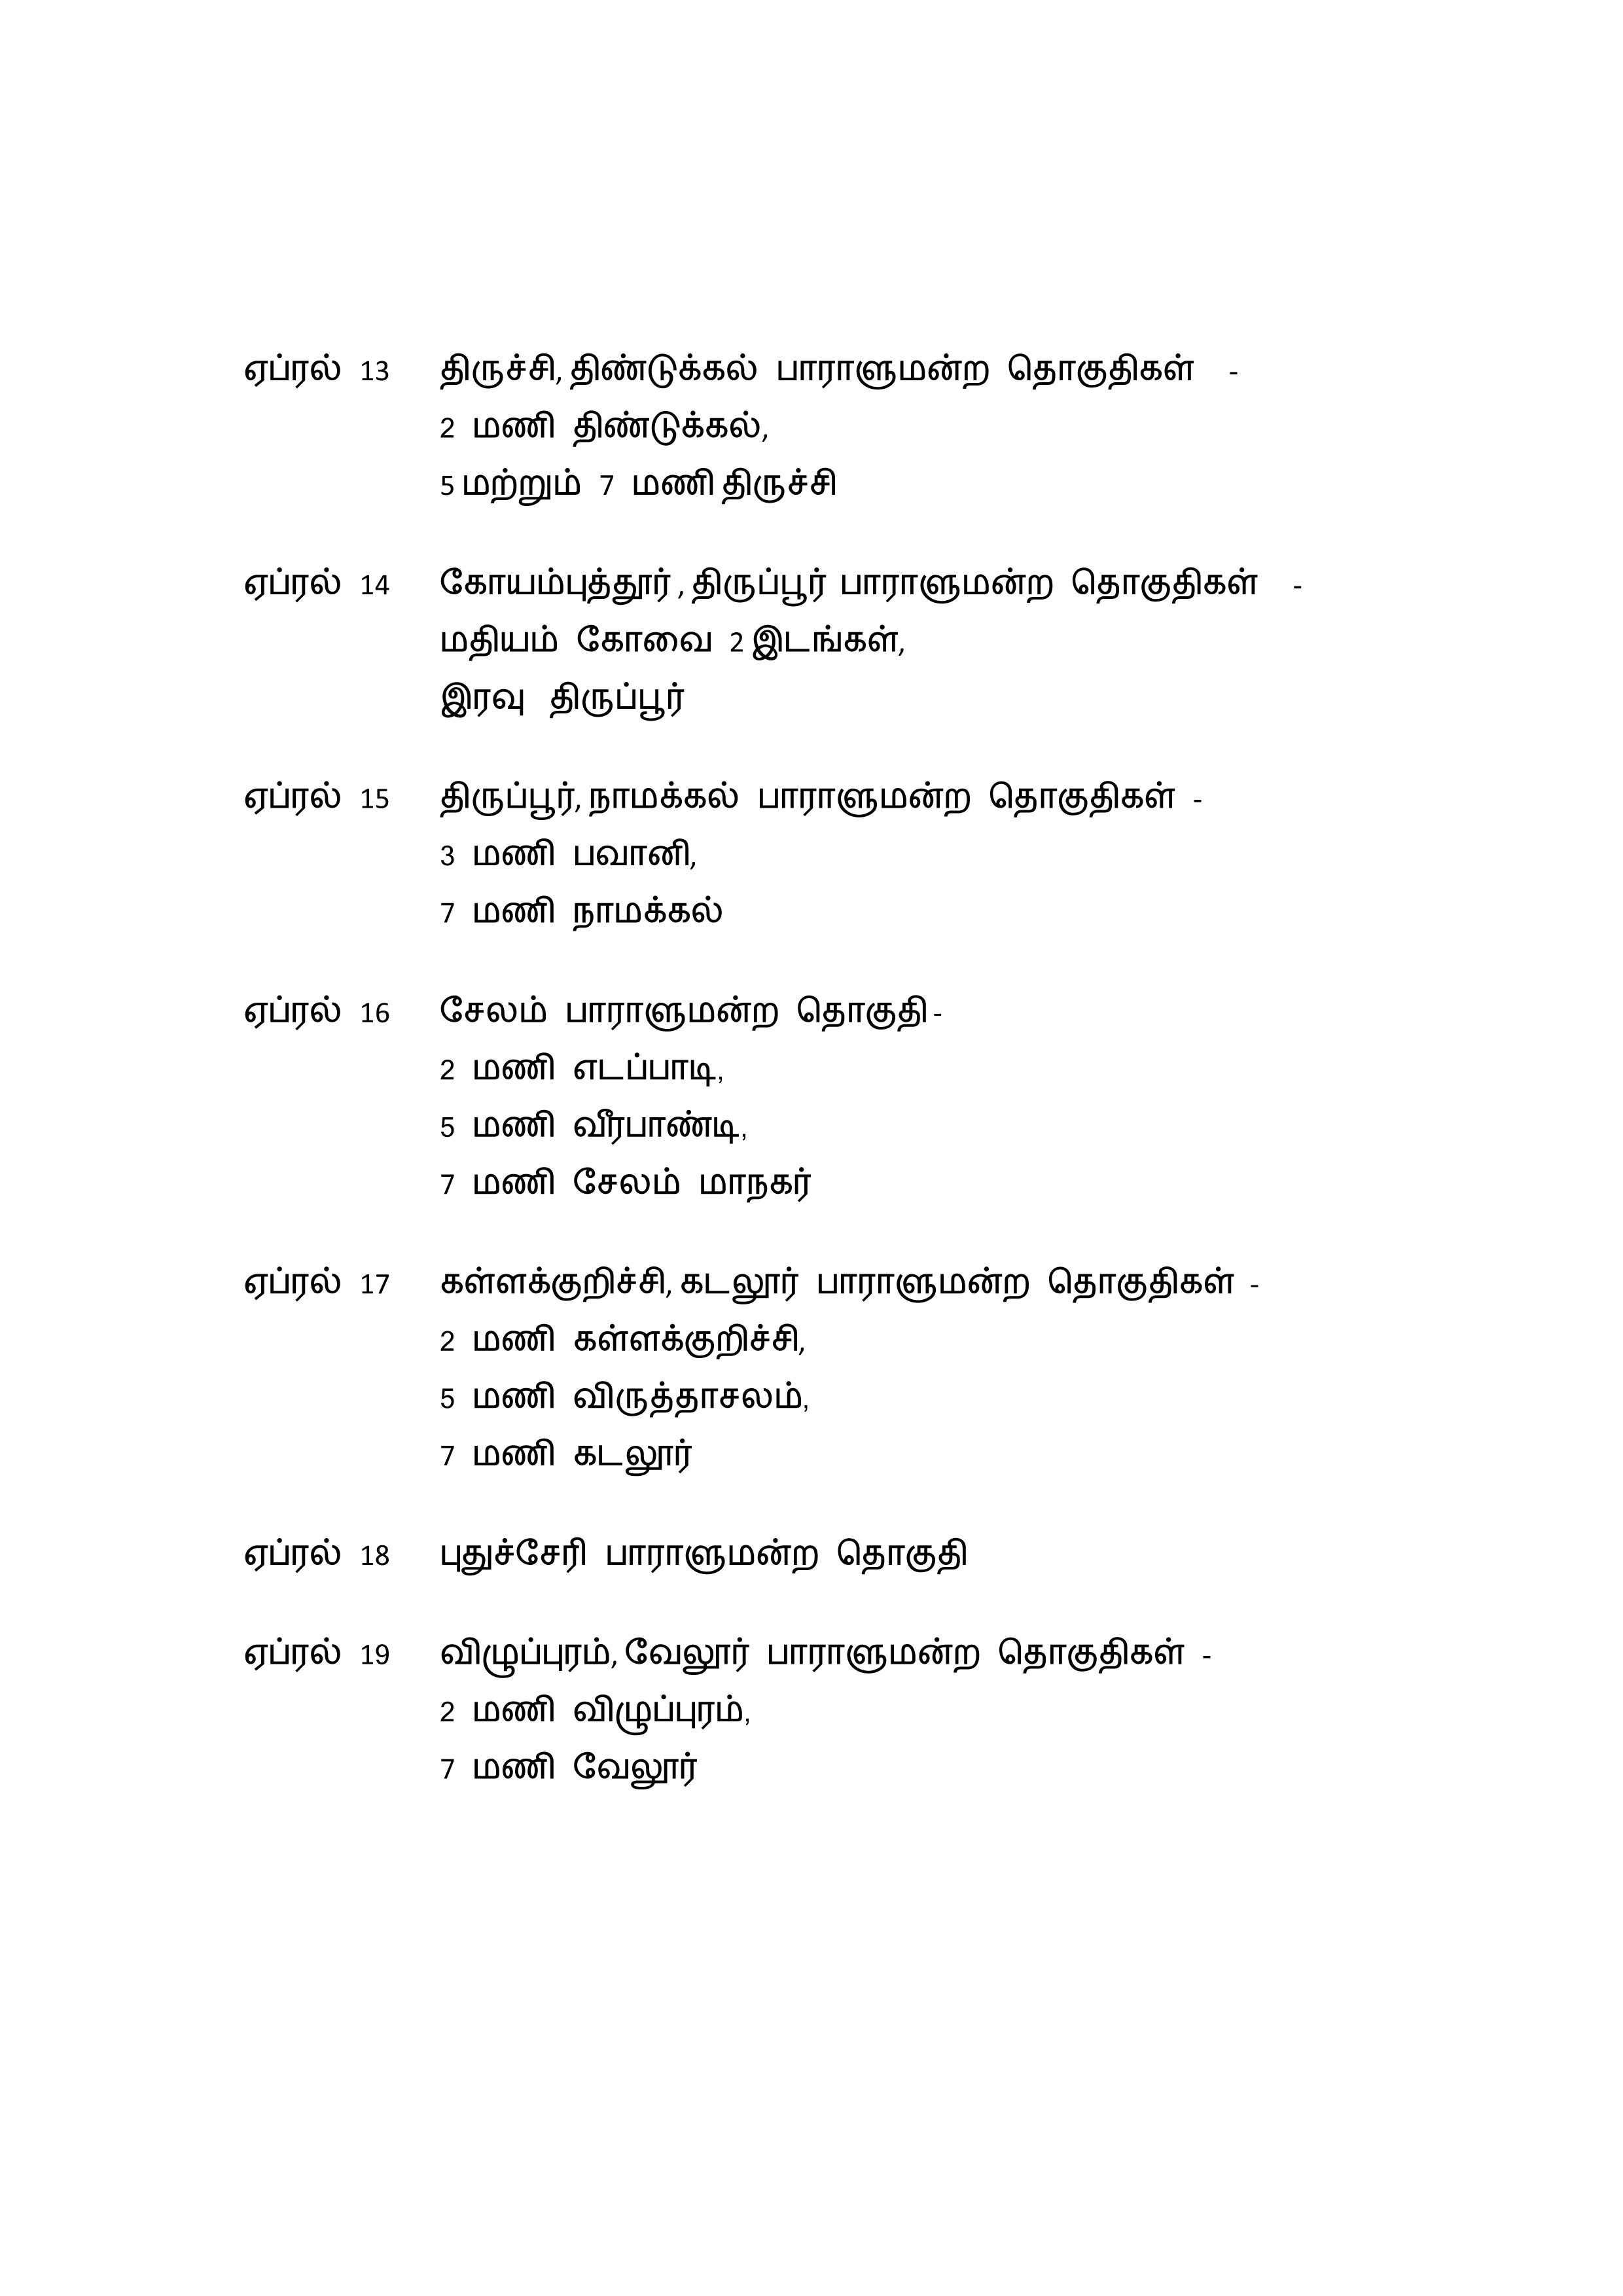 நாம் தமிழர் கட்சித் தலைவர் சீமான் அவர்களின் பரப்புரை பயணத்திட்டம் page 5